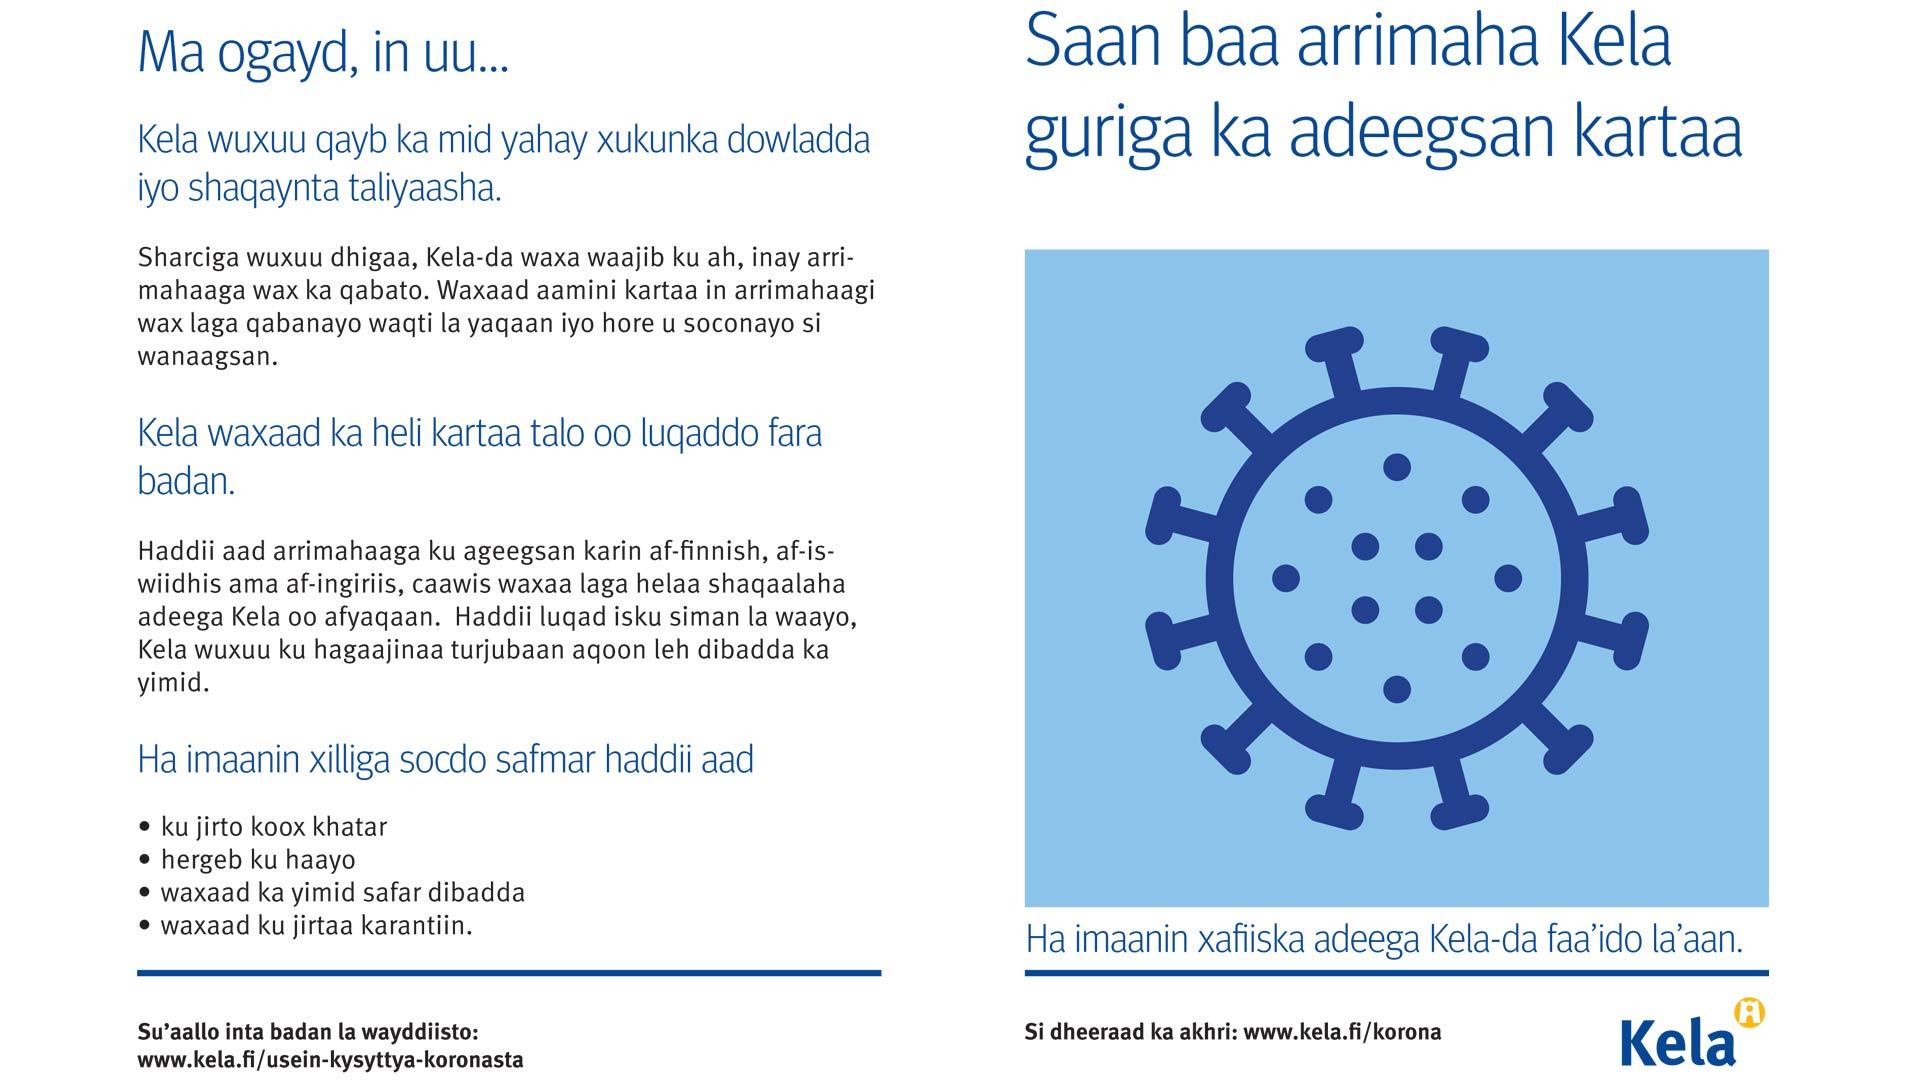 Helposti ymmärrettävä teksti taipuu kätevämmin myös muille Kelan asiointikielille.